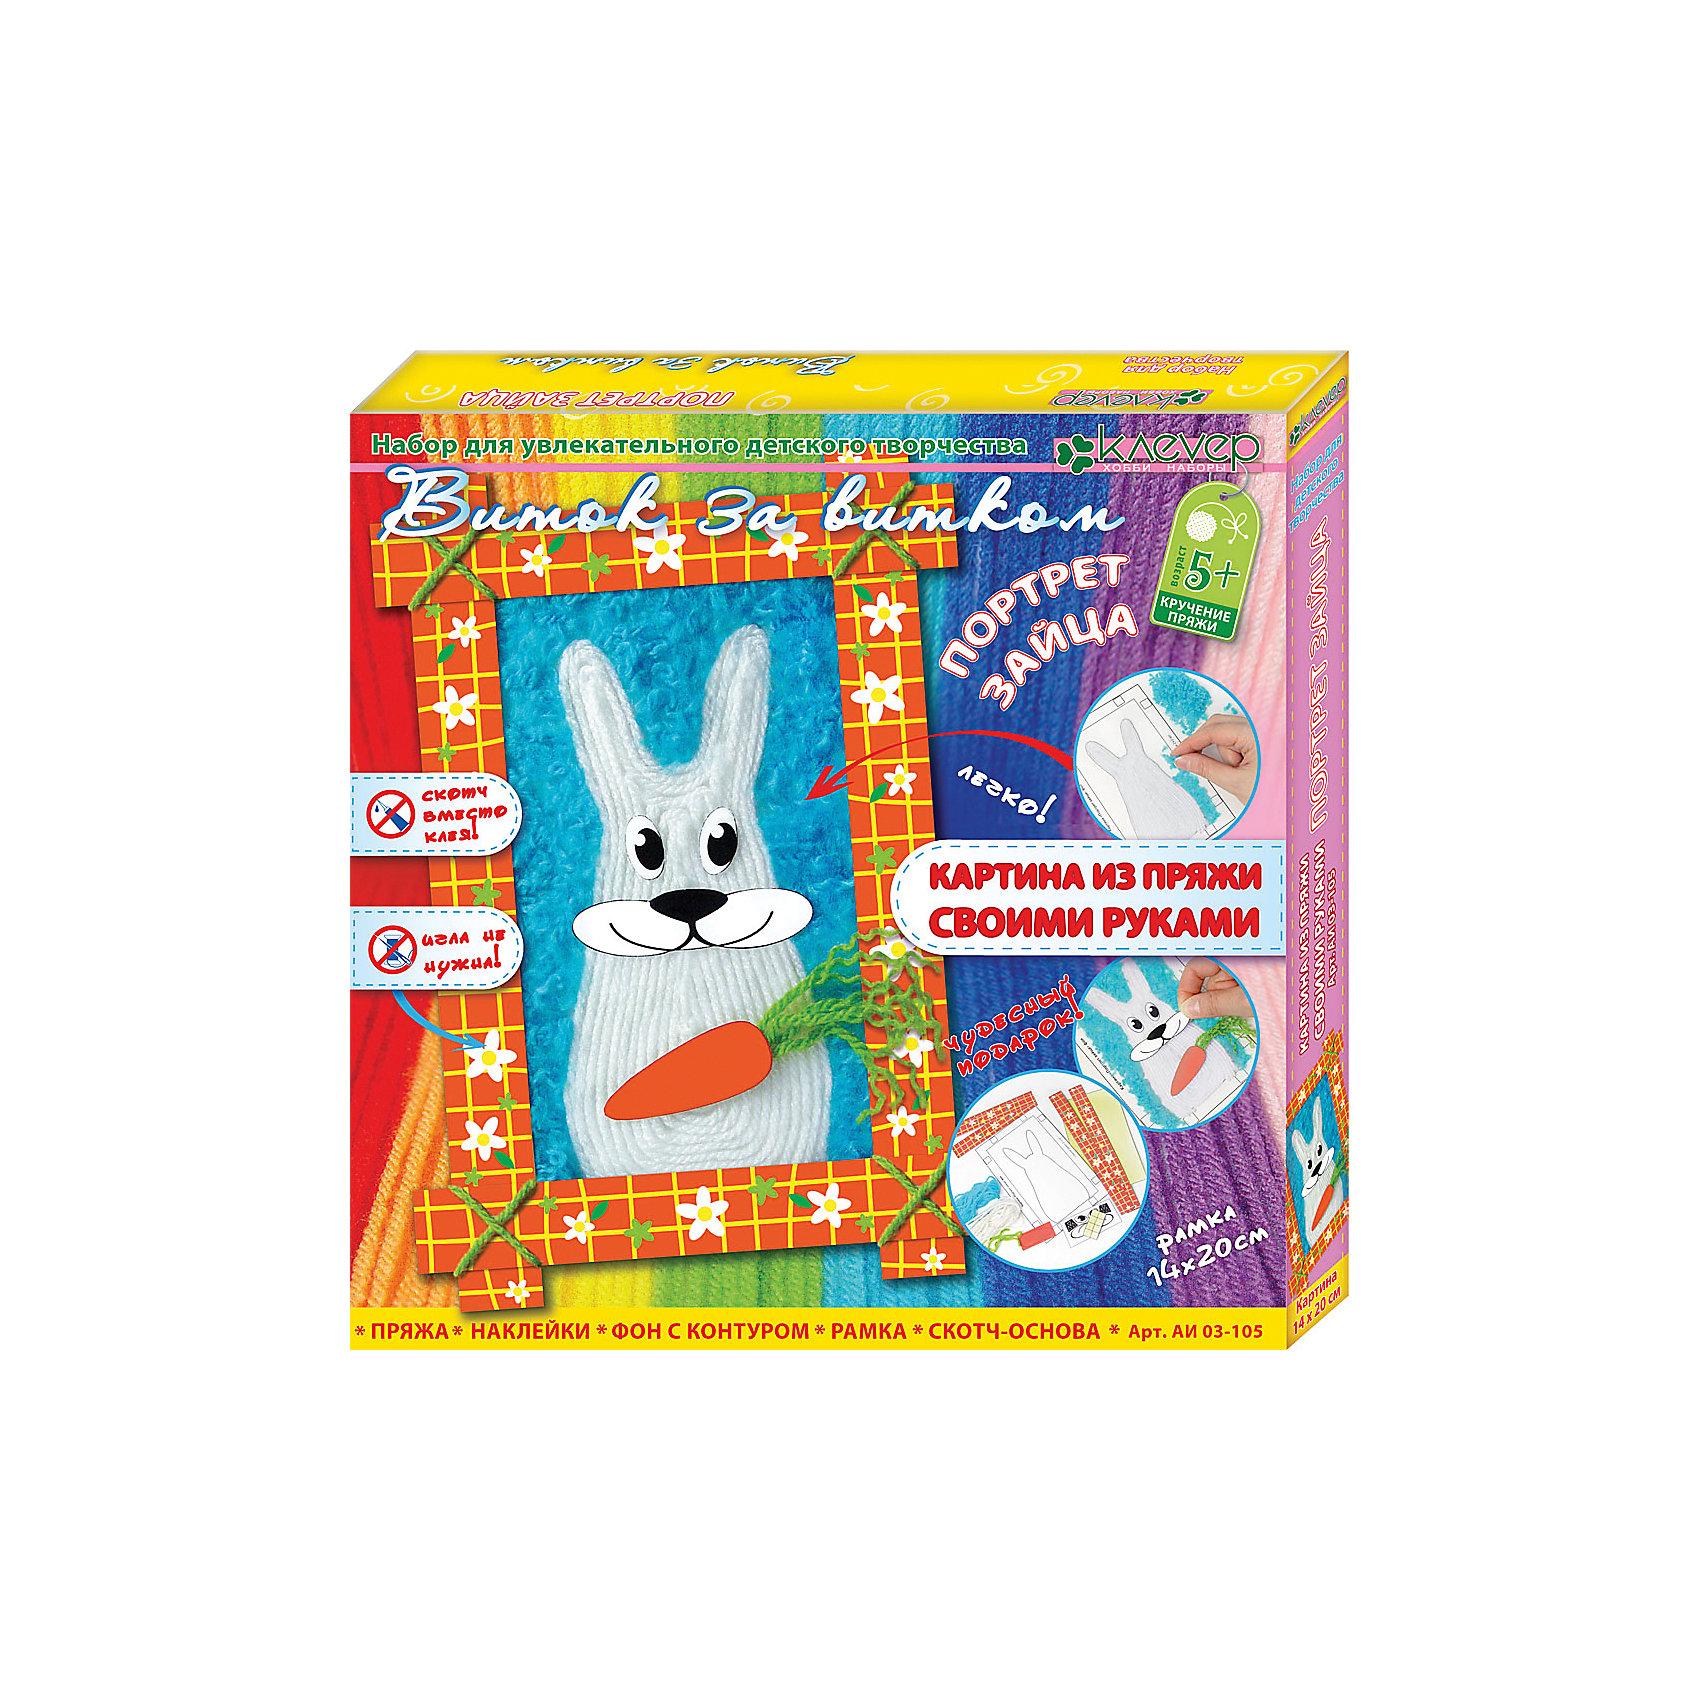 Набор для изготовления картины Бим-Бом, европодвесРукоделие<br>Характеристики:<br><br>• Коллекция: геометрическая аппликация<br>• Тематика картины: клоун<br>• Уровень сложности: средний<br>• Материал: картон, бумага, скотч<br>• Комплектация: набор геометрических фигур из цветного картона, самоклеящаяся пленка, рамка, скотч, инструкция<br>• Размеры готовой картины (Ш*В): 21*21 см<br>• Размеры (Д*Ш*В): 21,7*25*5 см<br>• Вес: 31 г <br>• Упаковка: коробка с блистером<br><br>Уникальность данных наборов заключается в том, что они состоят из материалов разных фактур. Благодаря использованию двухстороннего скотча, рабочее место и одежда ребенка не будет испачкана, а поделка будет выглядеть объемной и аккуратной.<br><br>Набор для изготовления картины Бим-Бом, европодвес – состоит из всех необходимых материалов для создания картинки, на которой изображен веселый клоун. Для оформления картины в наборе предусмотрена рамка. .<br><br>Набор для изготовления картины Бим-Бом, европодвес можно купить в нашем интернет-магазине.<br><br>Ширина мм: 217<br>Глубина мм: 250<br>Высота мм: 50<br>Вес г: 31<br>Возраст от месяцев: 36<br>Возраст до месяцев: 60<br>Пол: Унисекс<br>Возраст: Детский<br>SKU: 5541494